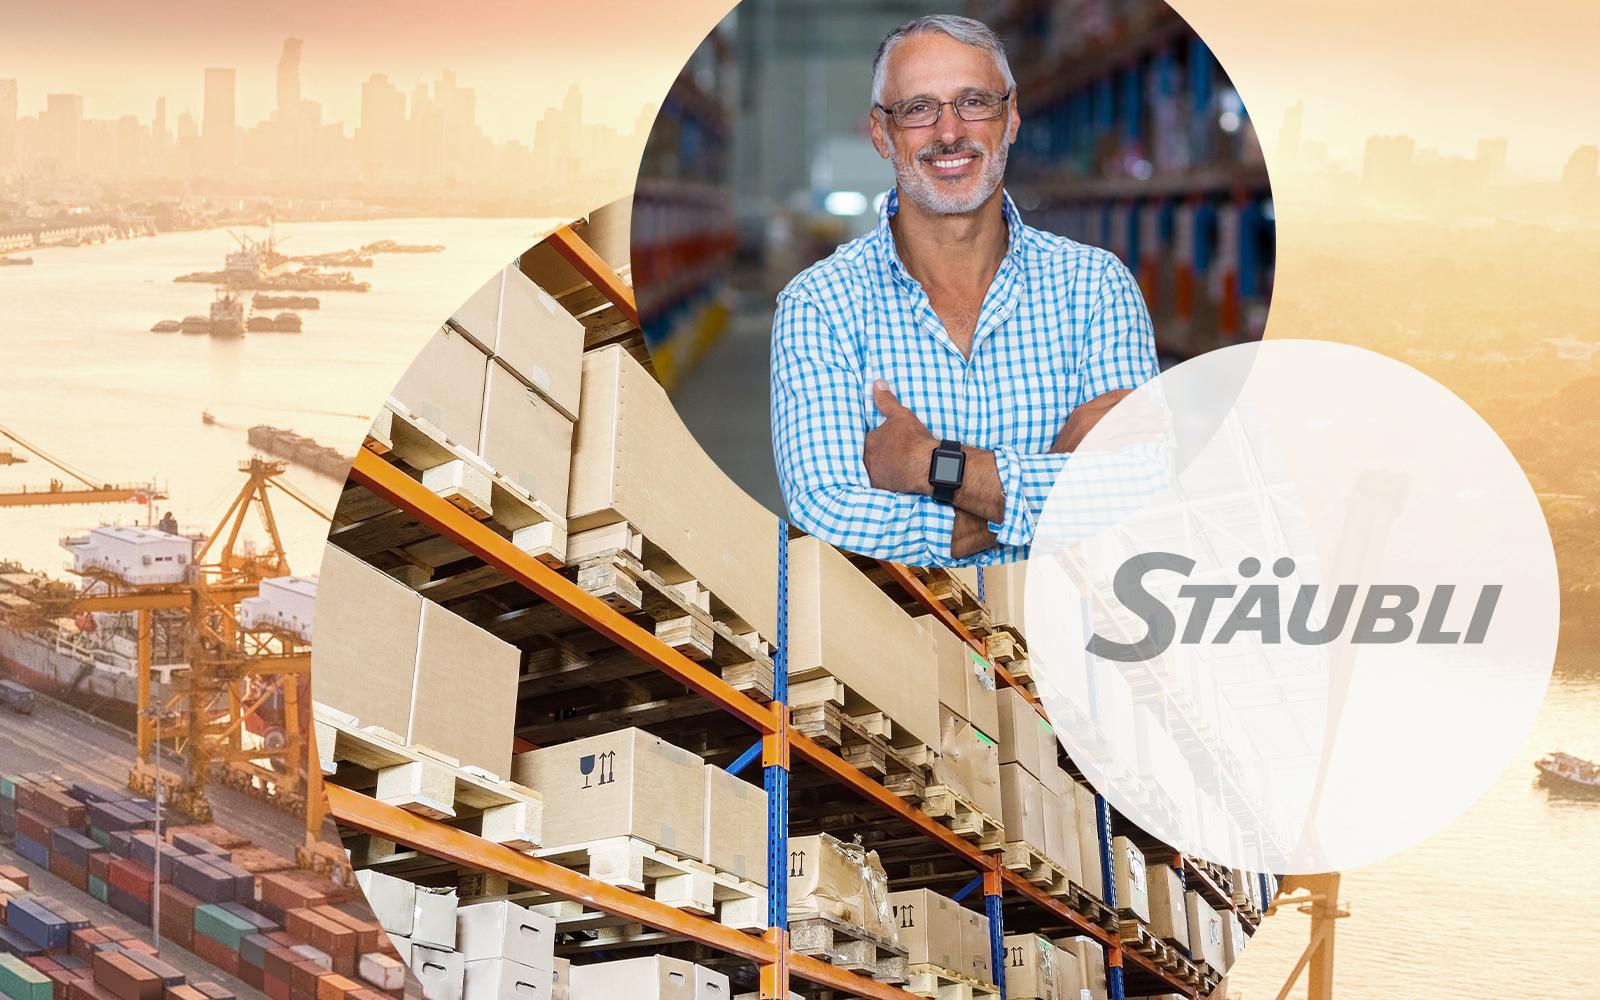 Die Firma Stäubli beauftrag valantic - Bild eines Mannes in einem Hochregallager, Logo der Firma Stäubli, Pakete, alles vor einer Hafenkulisse